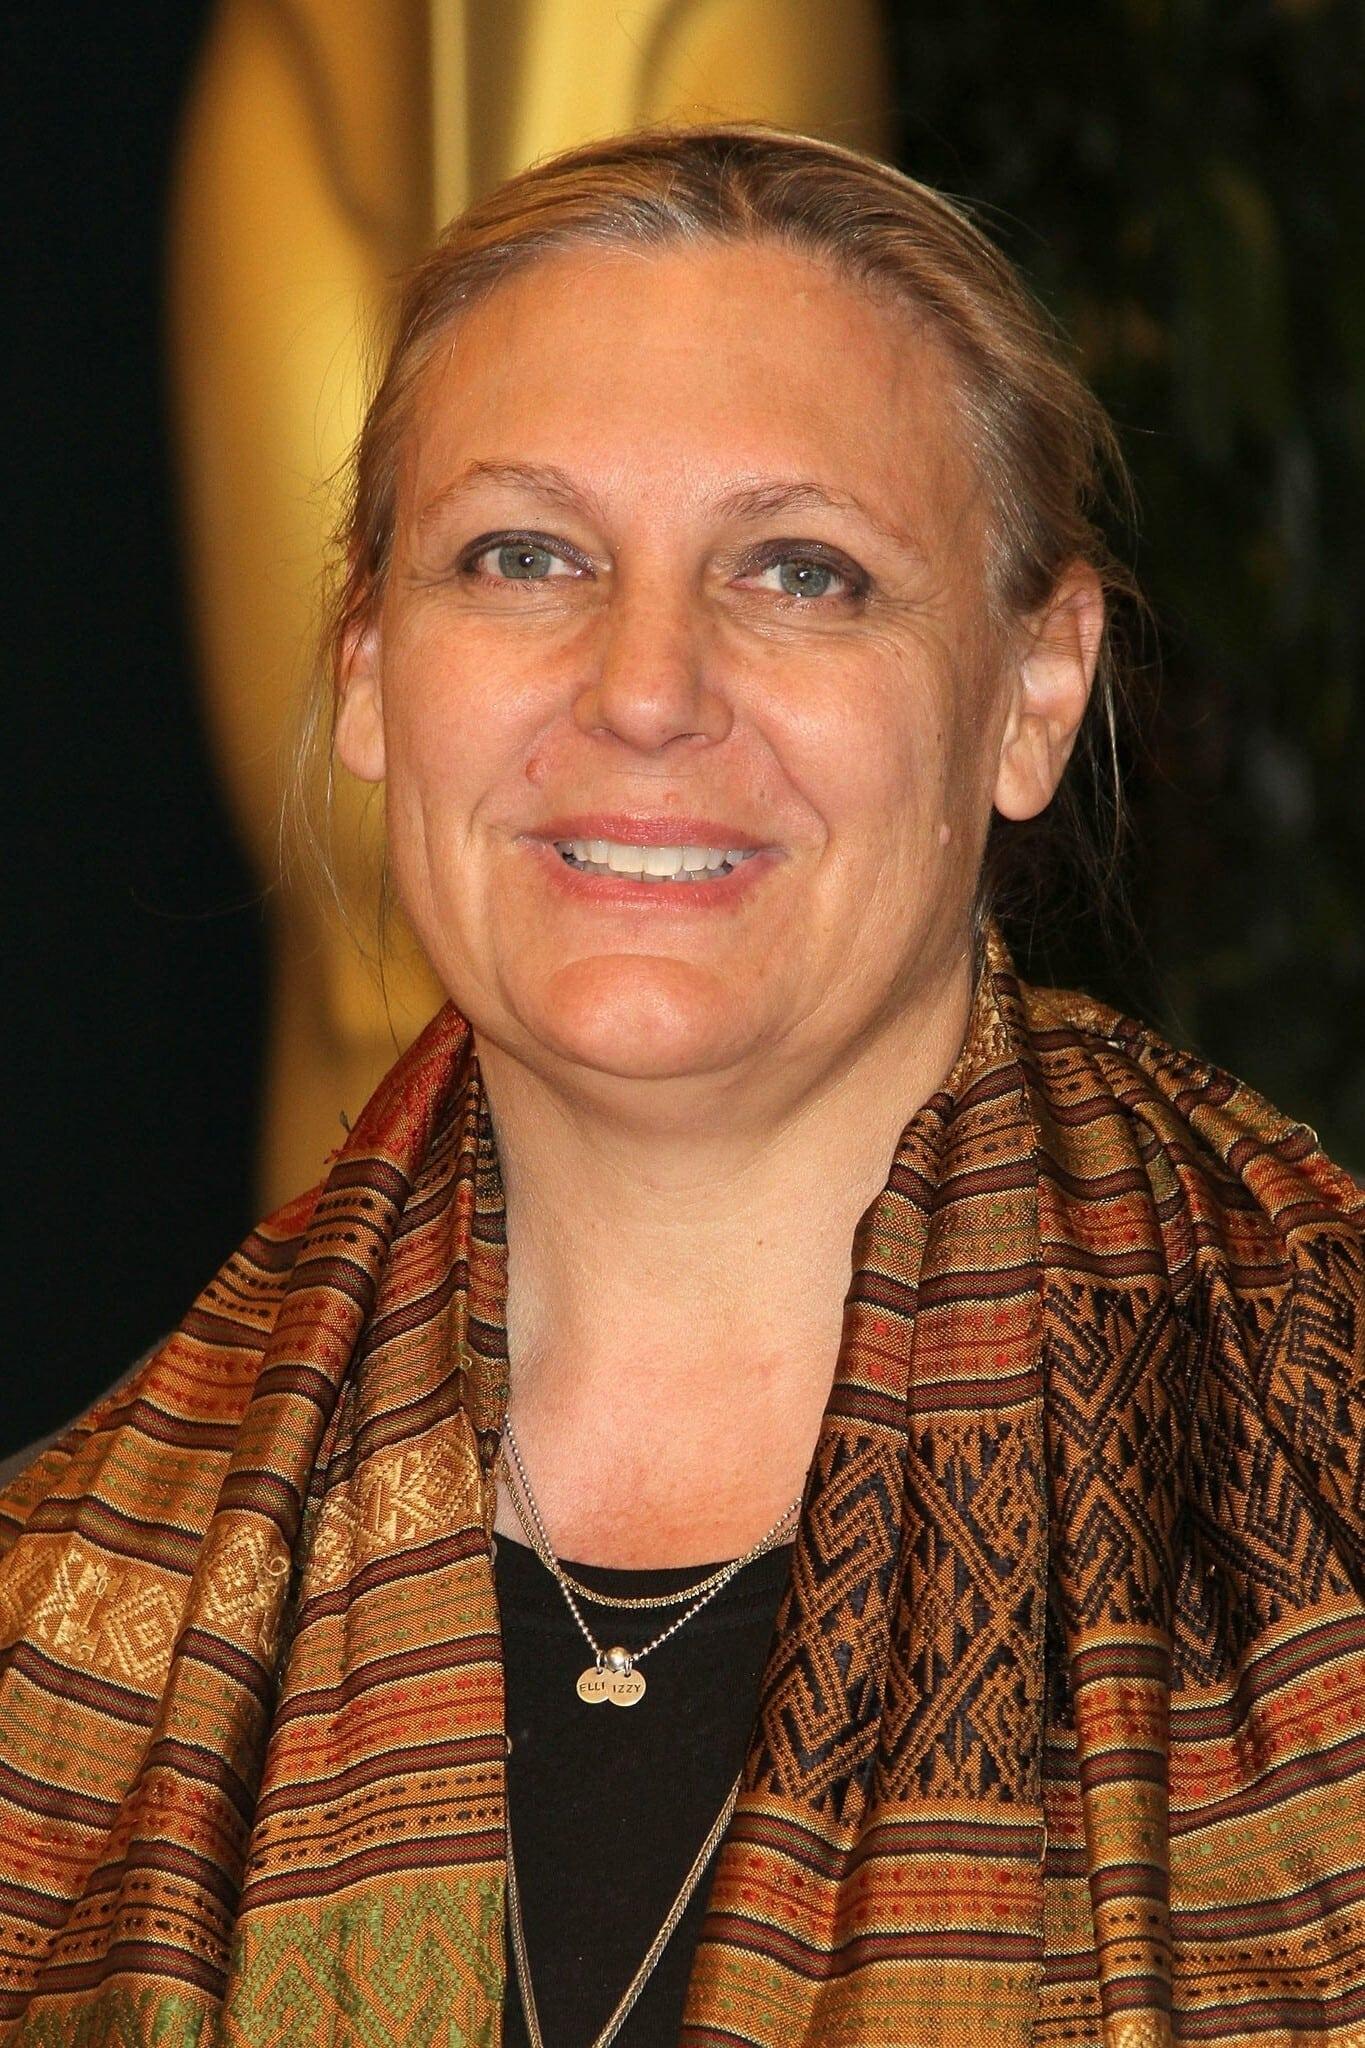 Beth A. Rubino